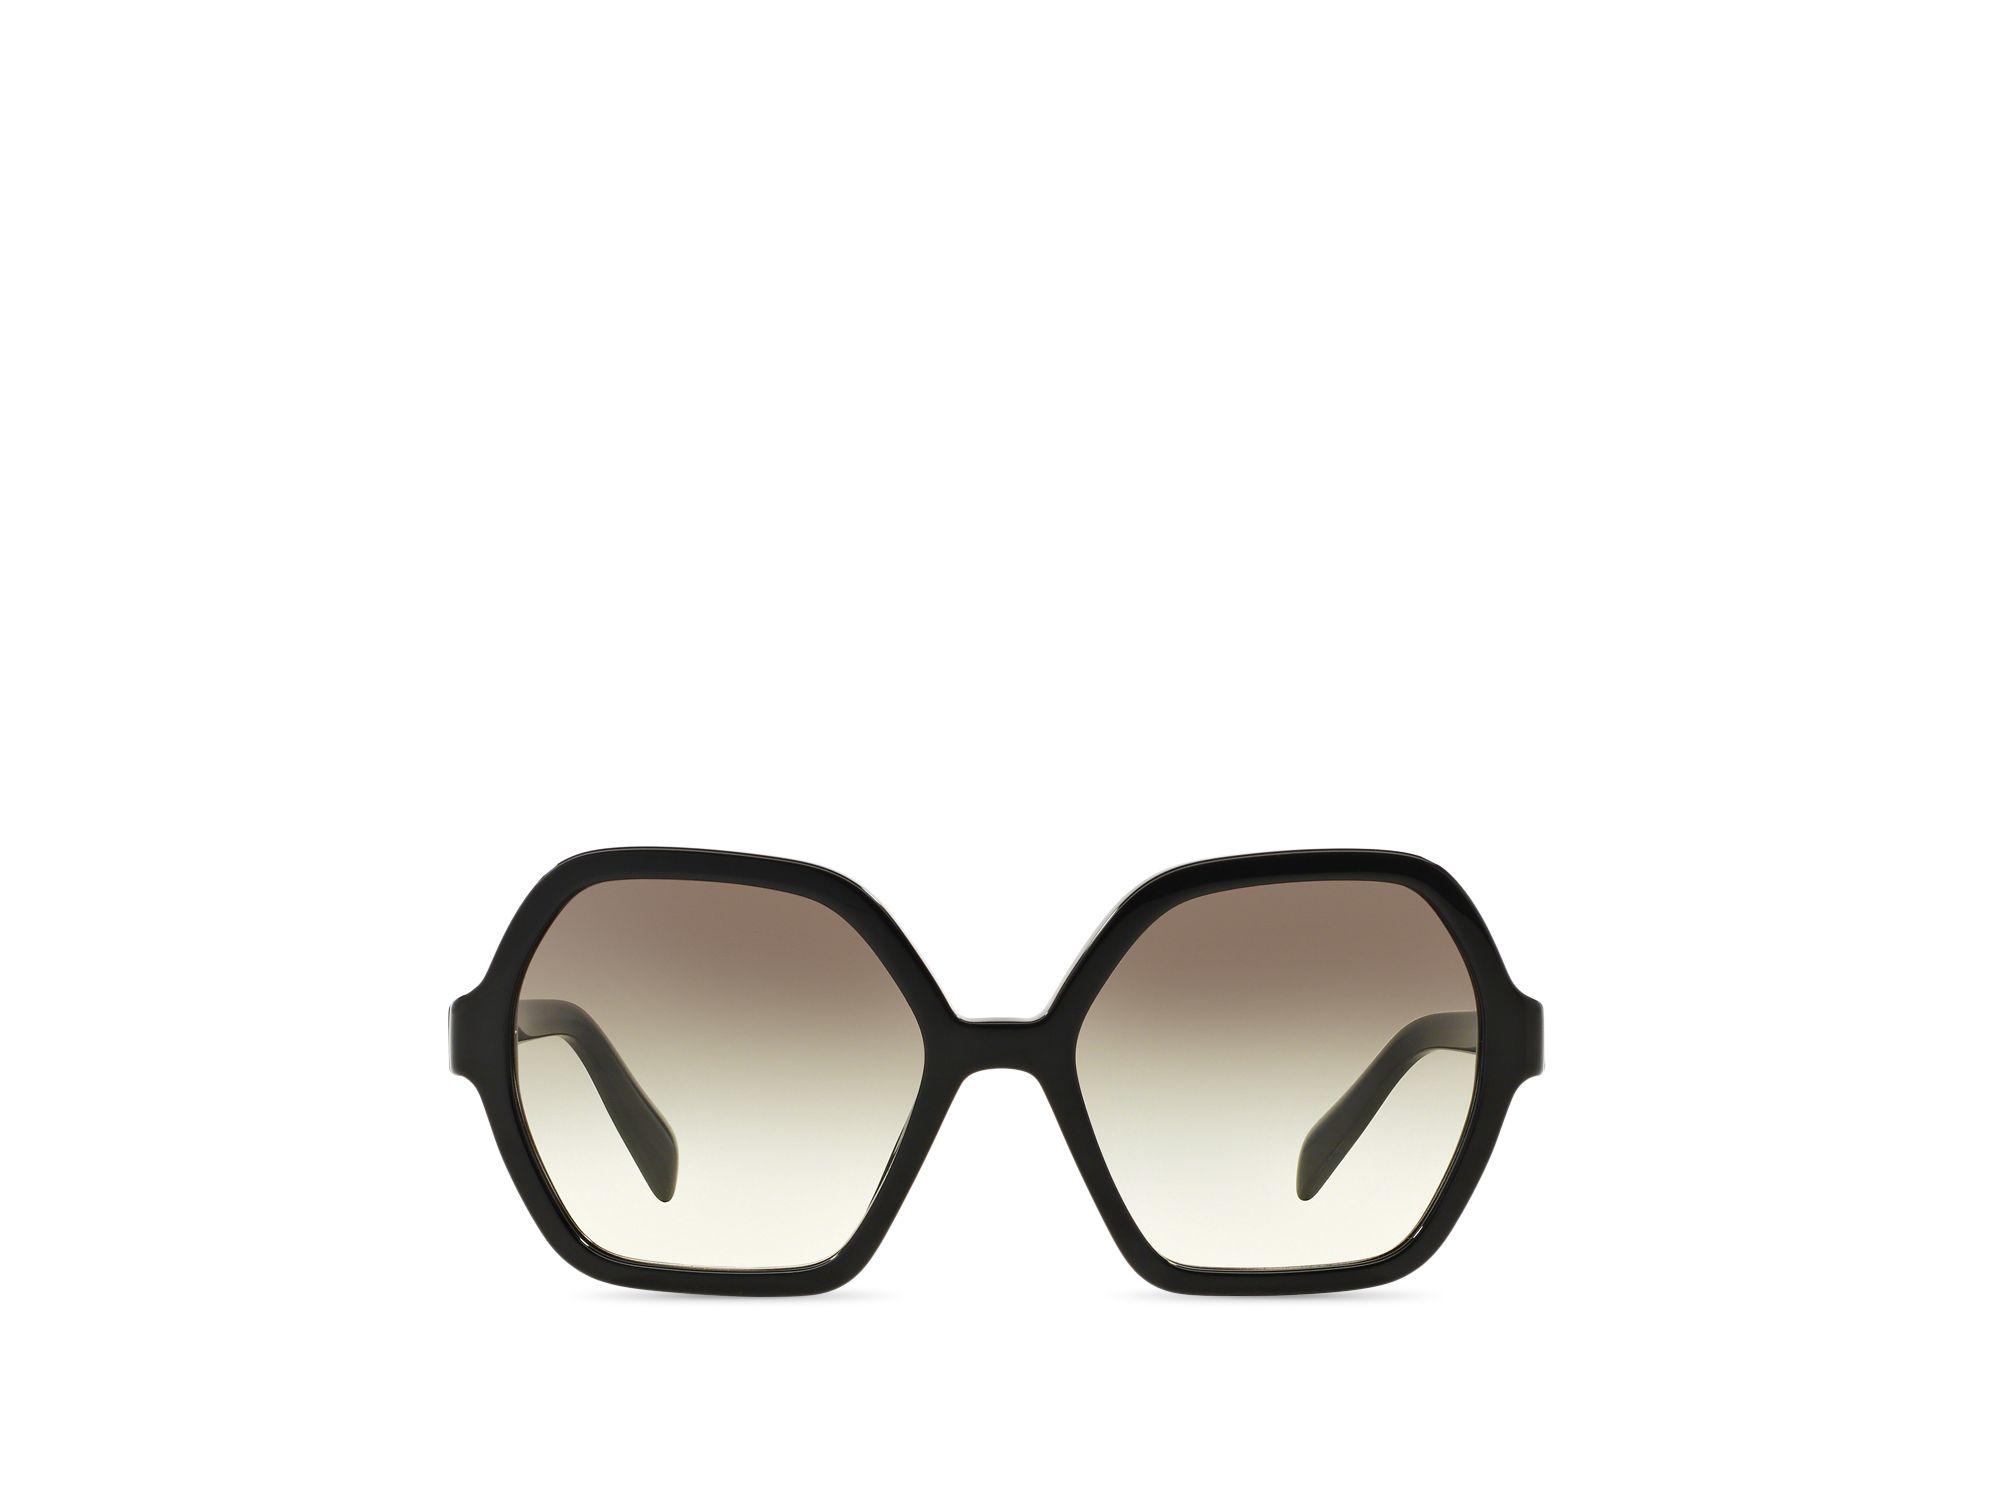 09ec8bffbe87 ... best price lyst prada oversized octagon sunglasses in black c94ec 113c4